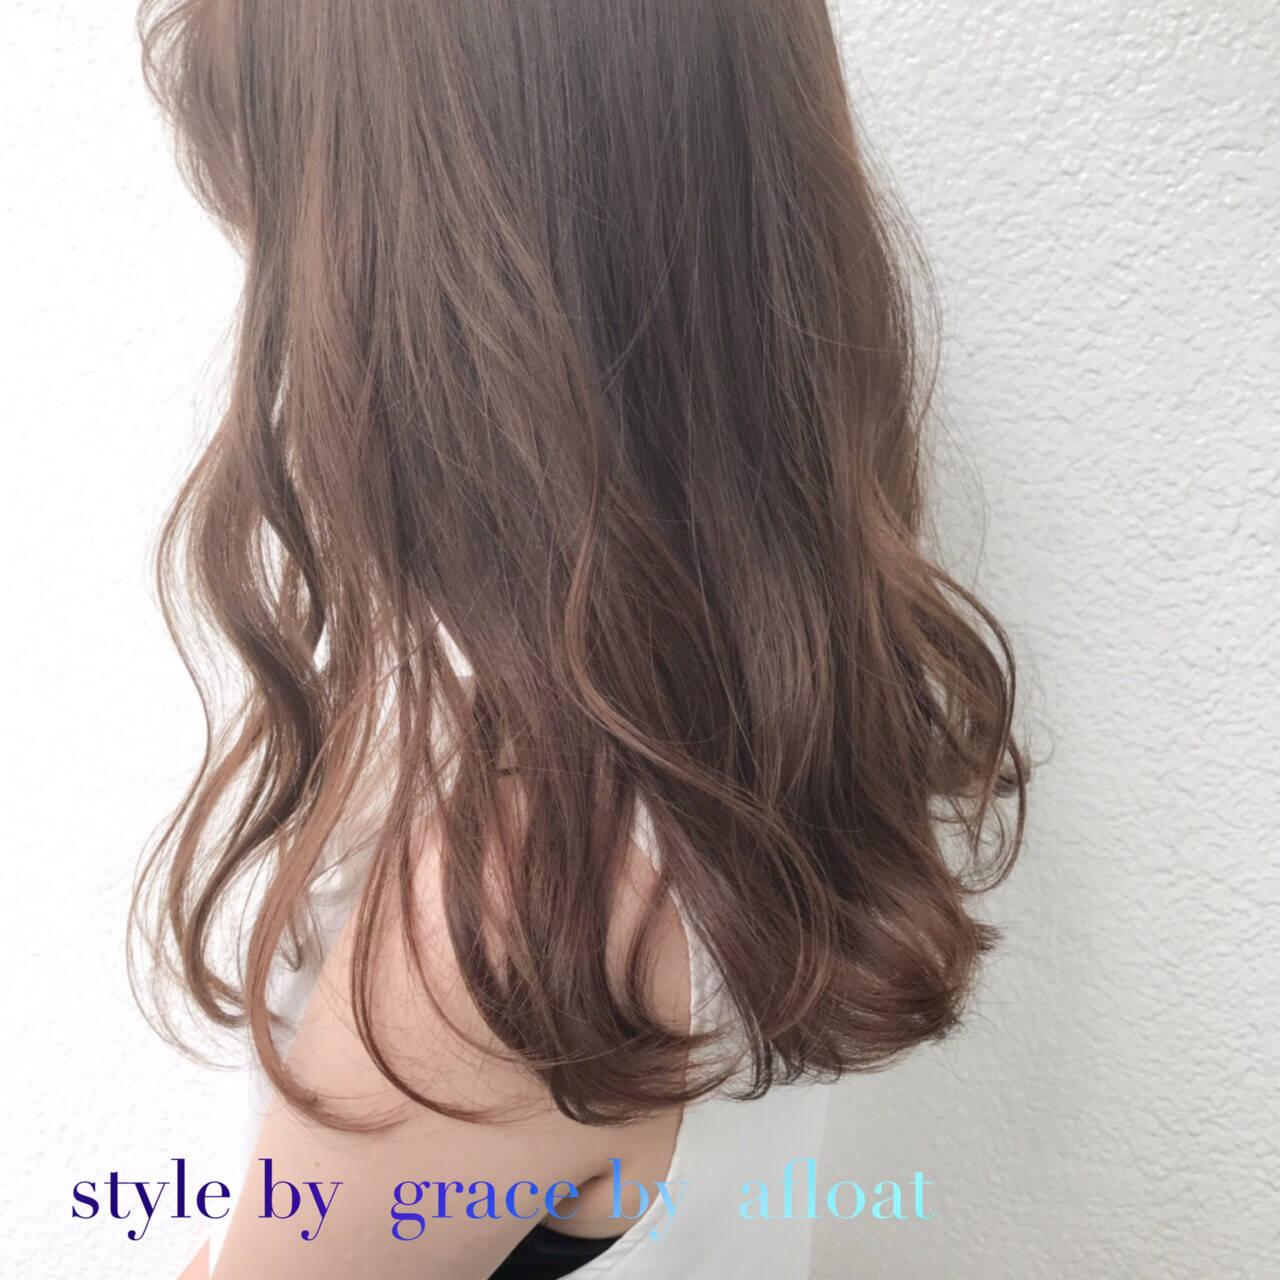 ミルクティーベージュ フェミニン ブラウン アッシュグレージュヘアスタイルや髪型の写真・画像